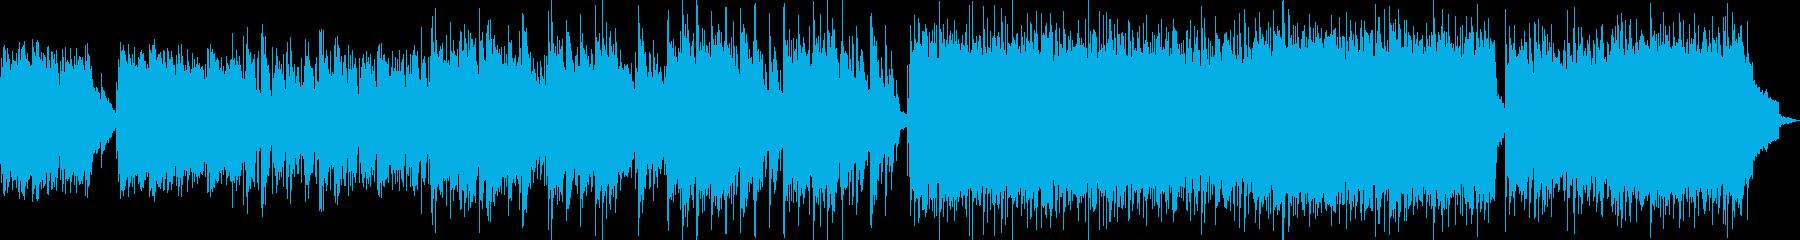 疾走感のある前向きPOPの再生済みの波形